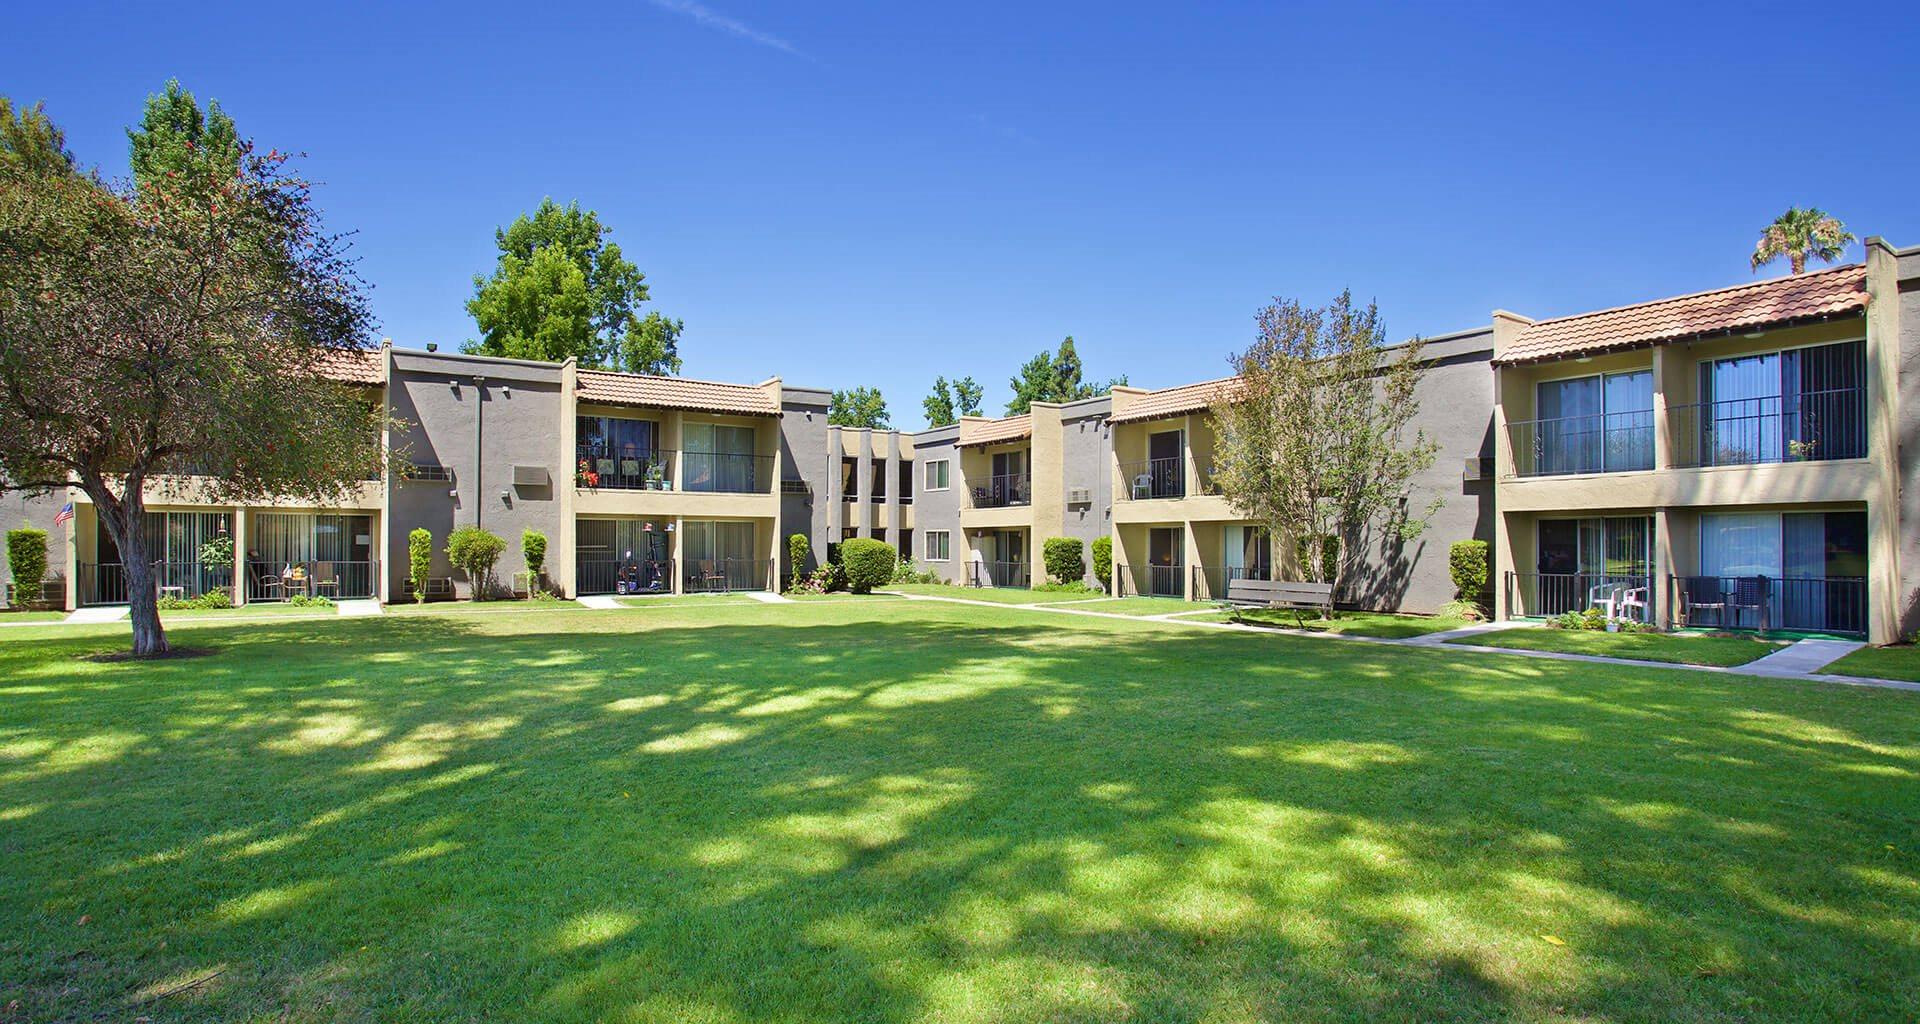 Lush Green Outdoor Spaces at Pacifica Senior Living Escondido, Escondido, 92027